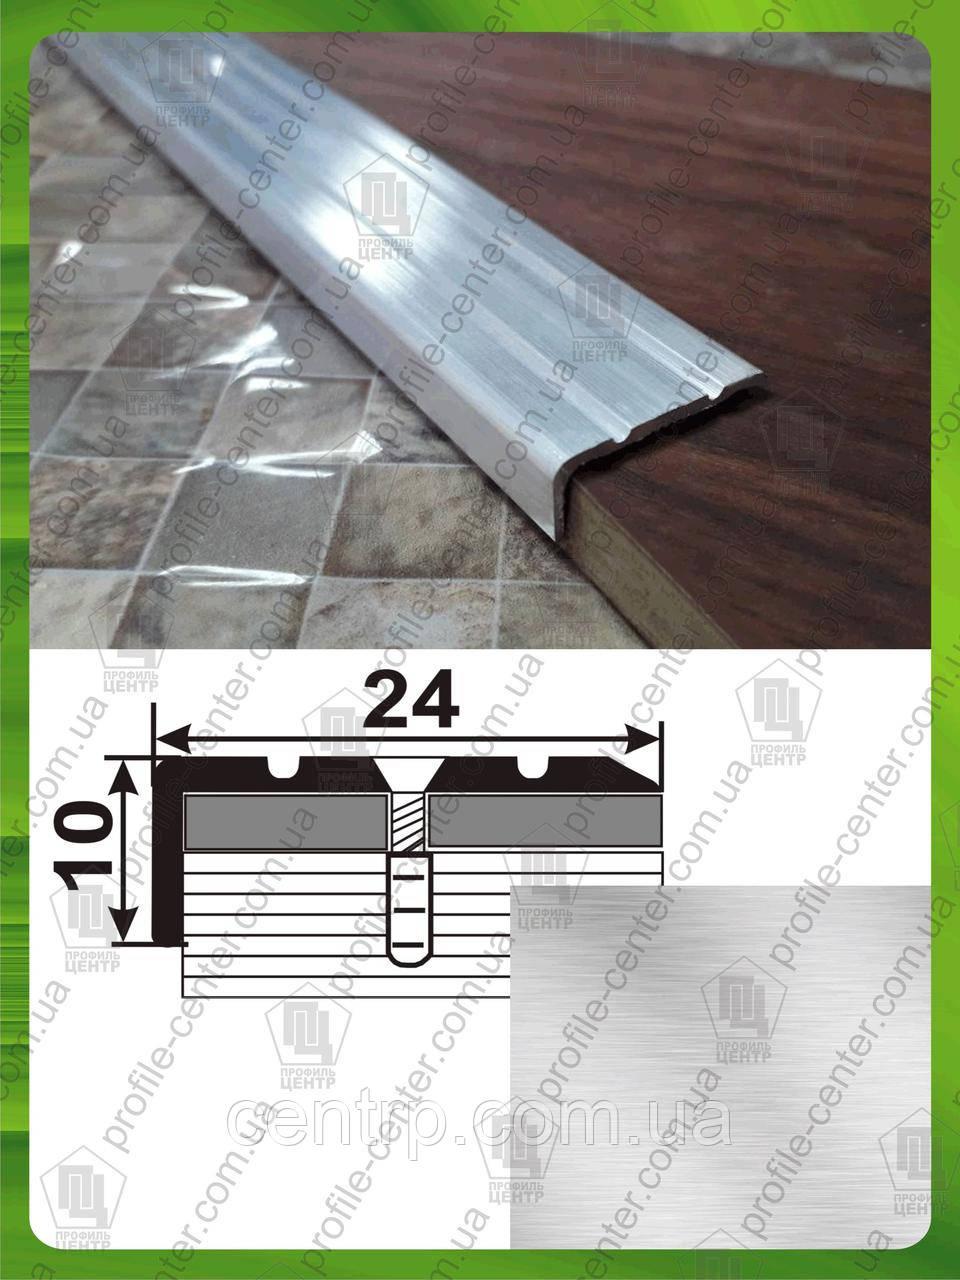 Угловой алюминиевый порожек 24*10. УЛ 120 без покрытия, длина 2,7 м